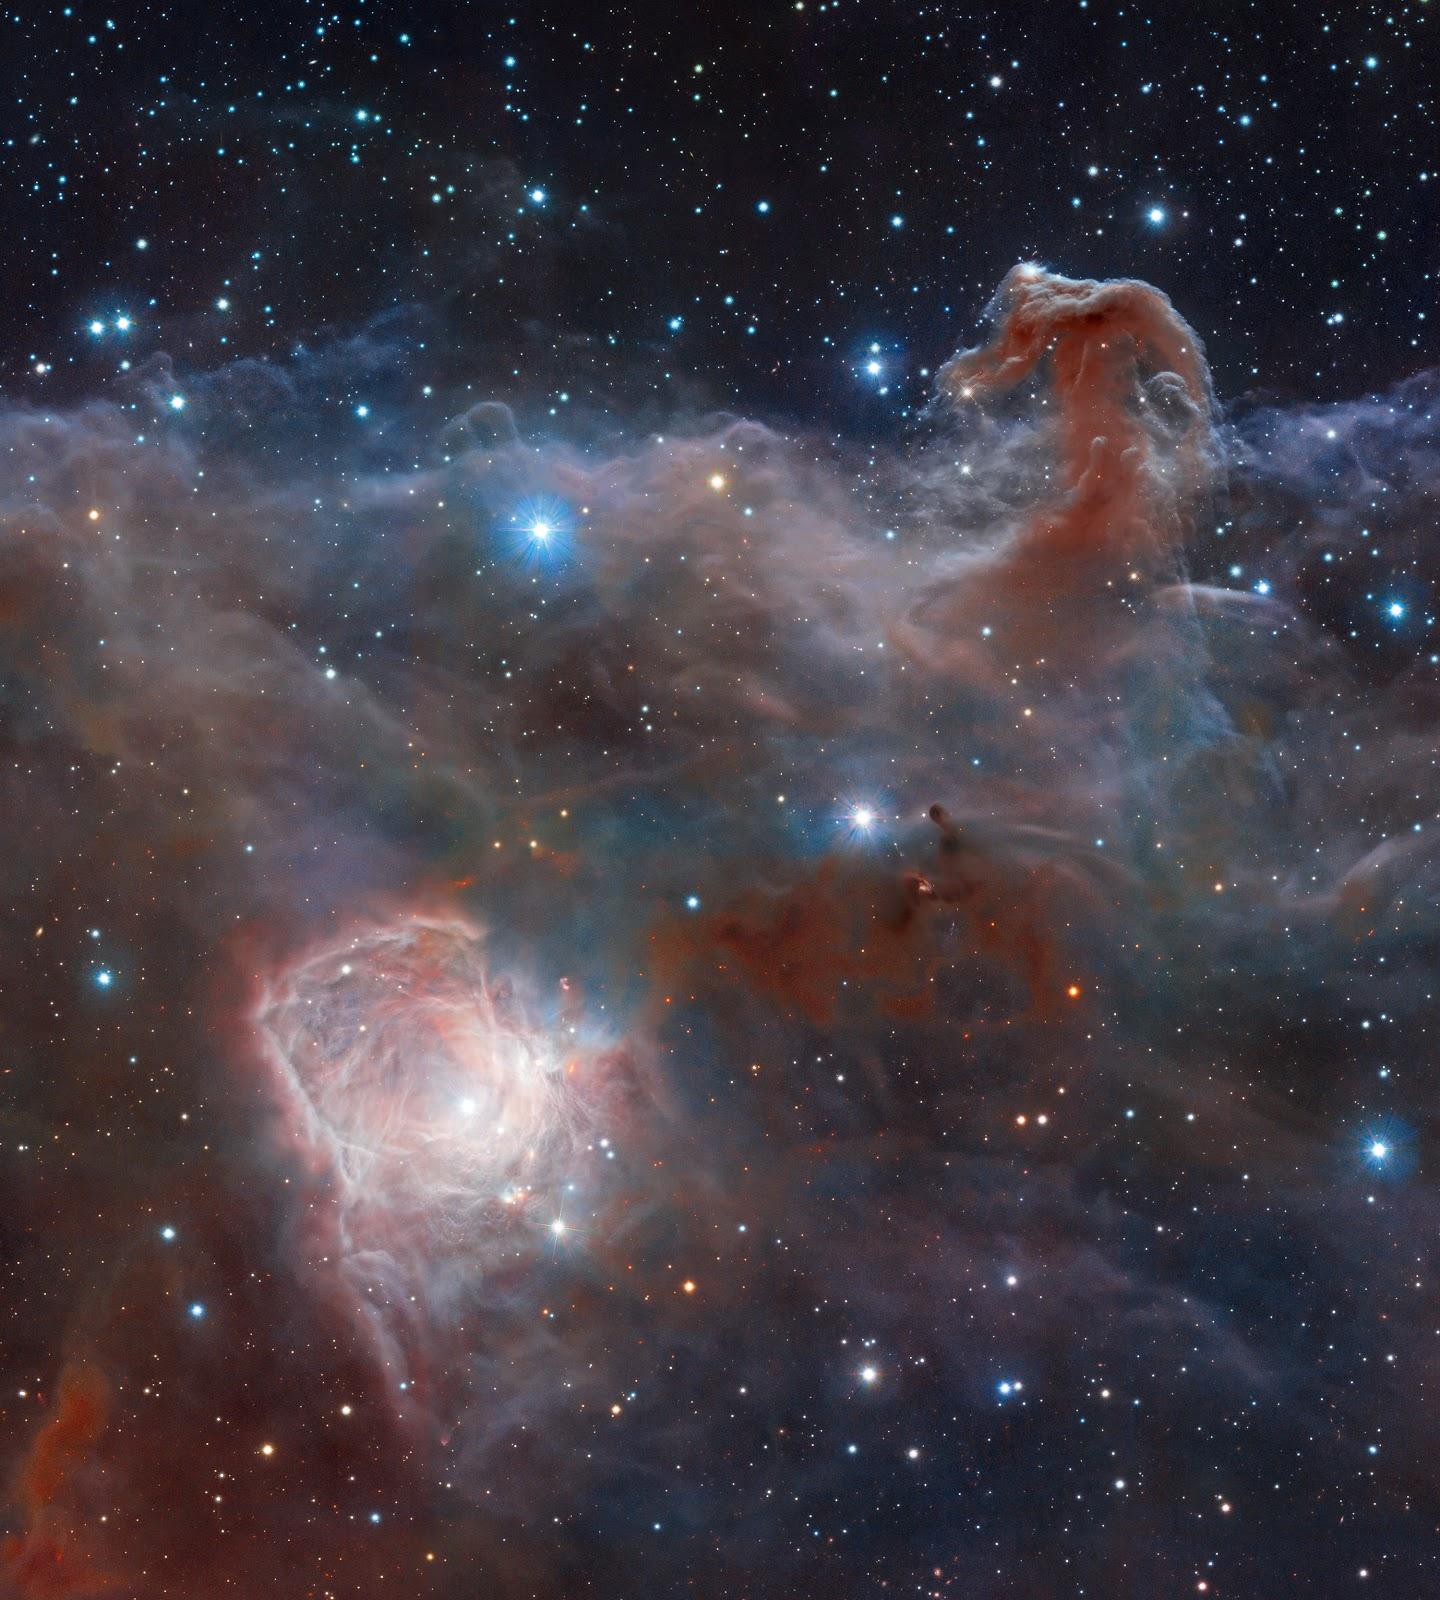 Thực hiện bởi Robert Gendler. Dữ liệu hình ảnh : ESO, VISTA, HLA, Hubble Heritage Team (STScI/AURA).